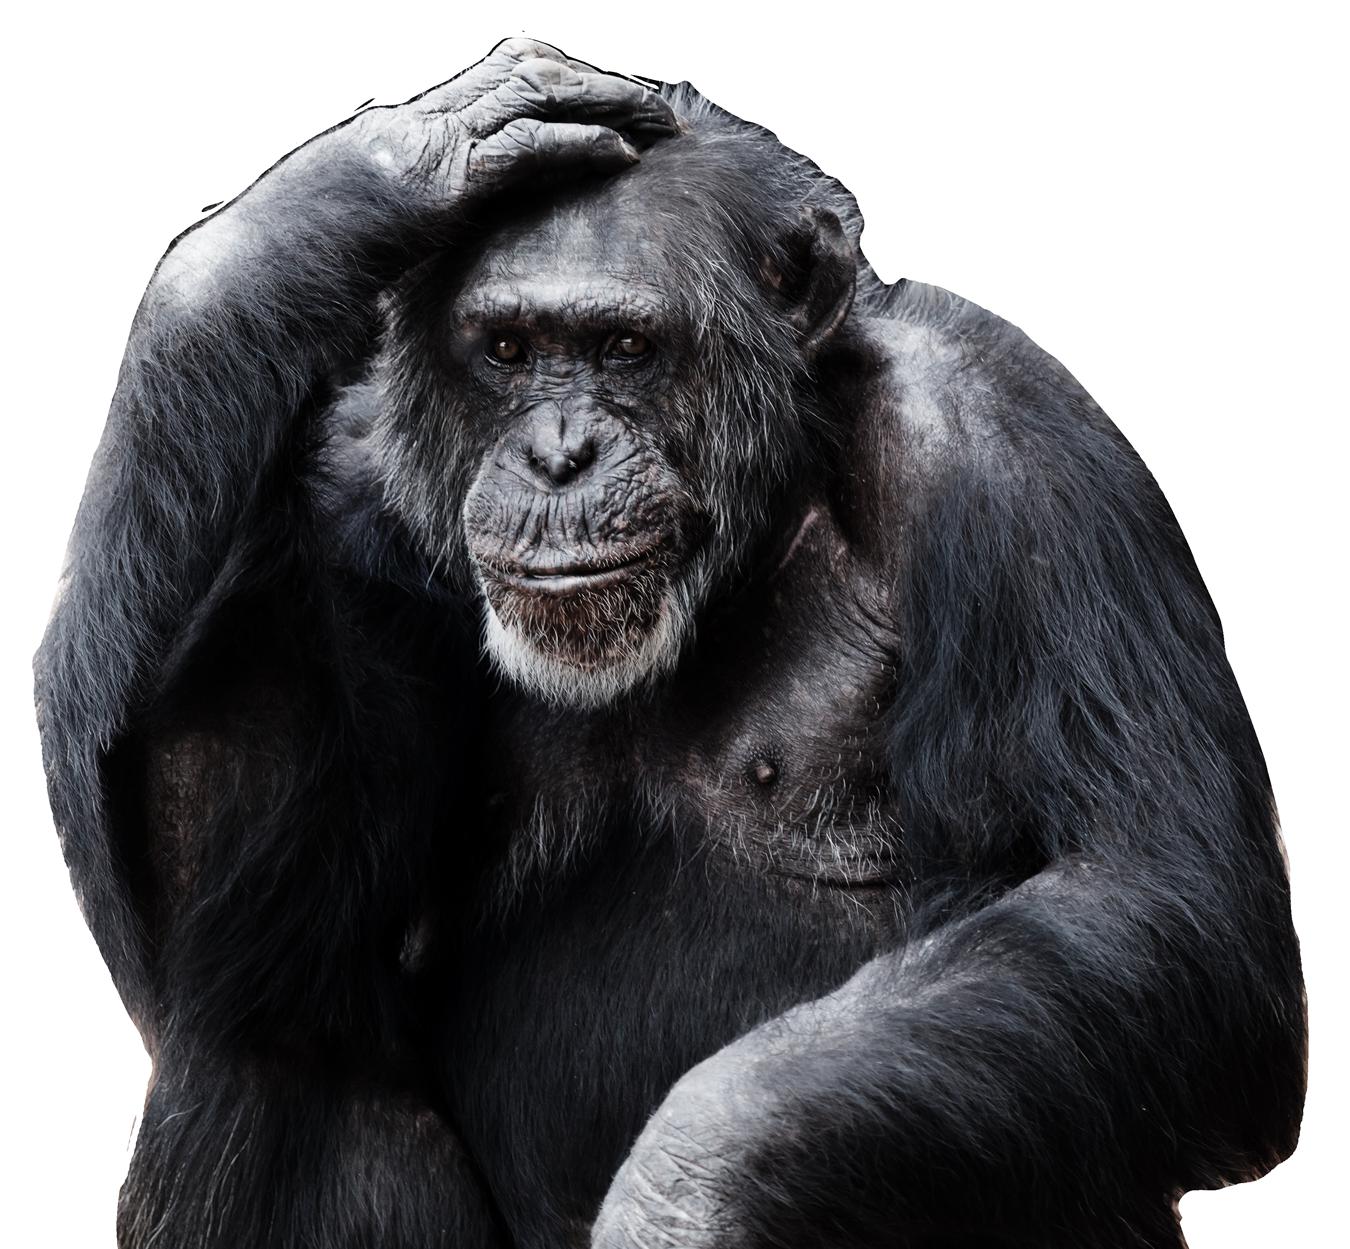 Chimpanzee PNG Image.